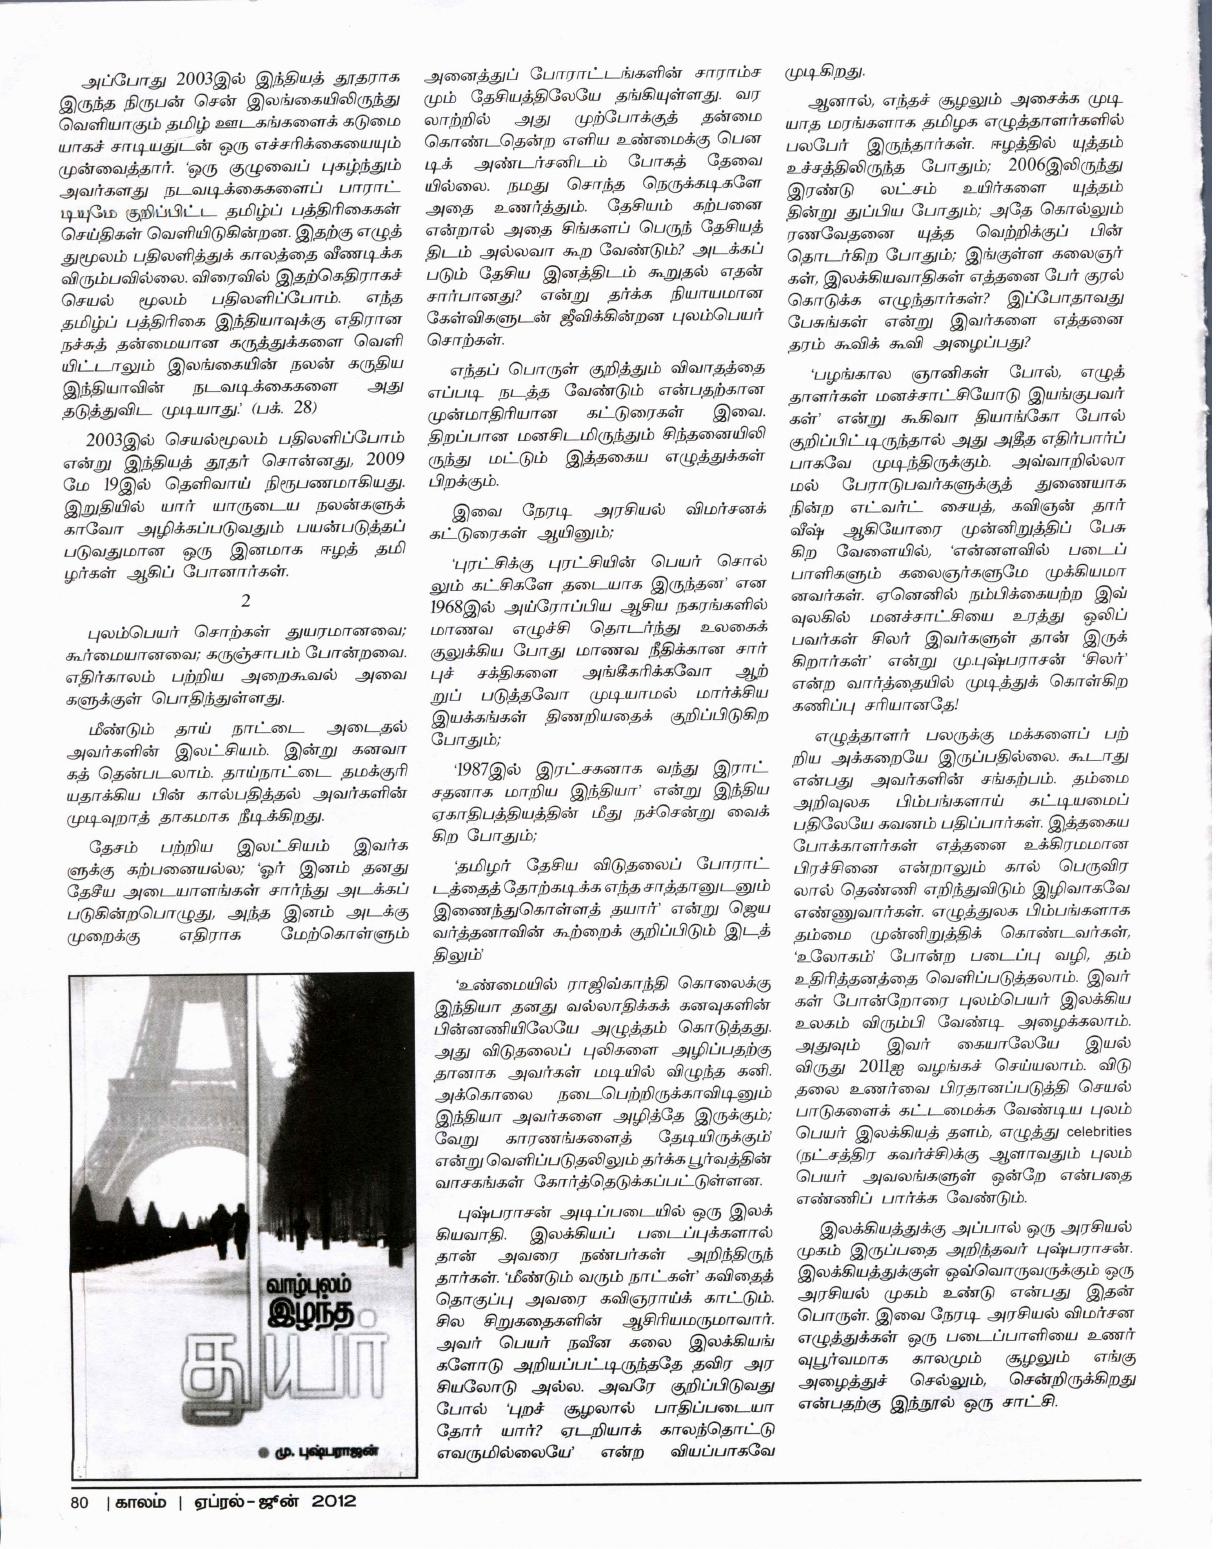 பா.செயப்பிரகாசம் - இது என்ன காலம் எனப்பேசும் ஆவணம் - Page 3